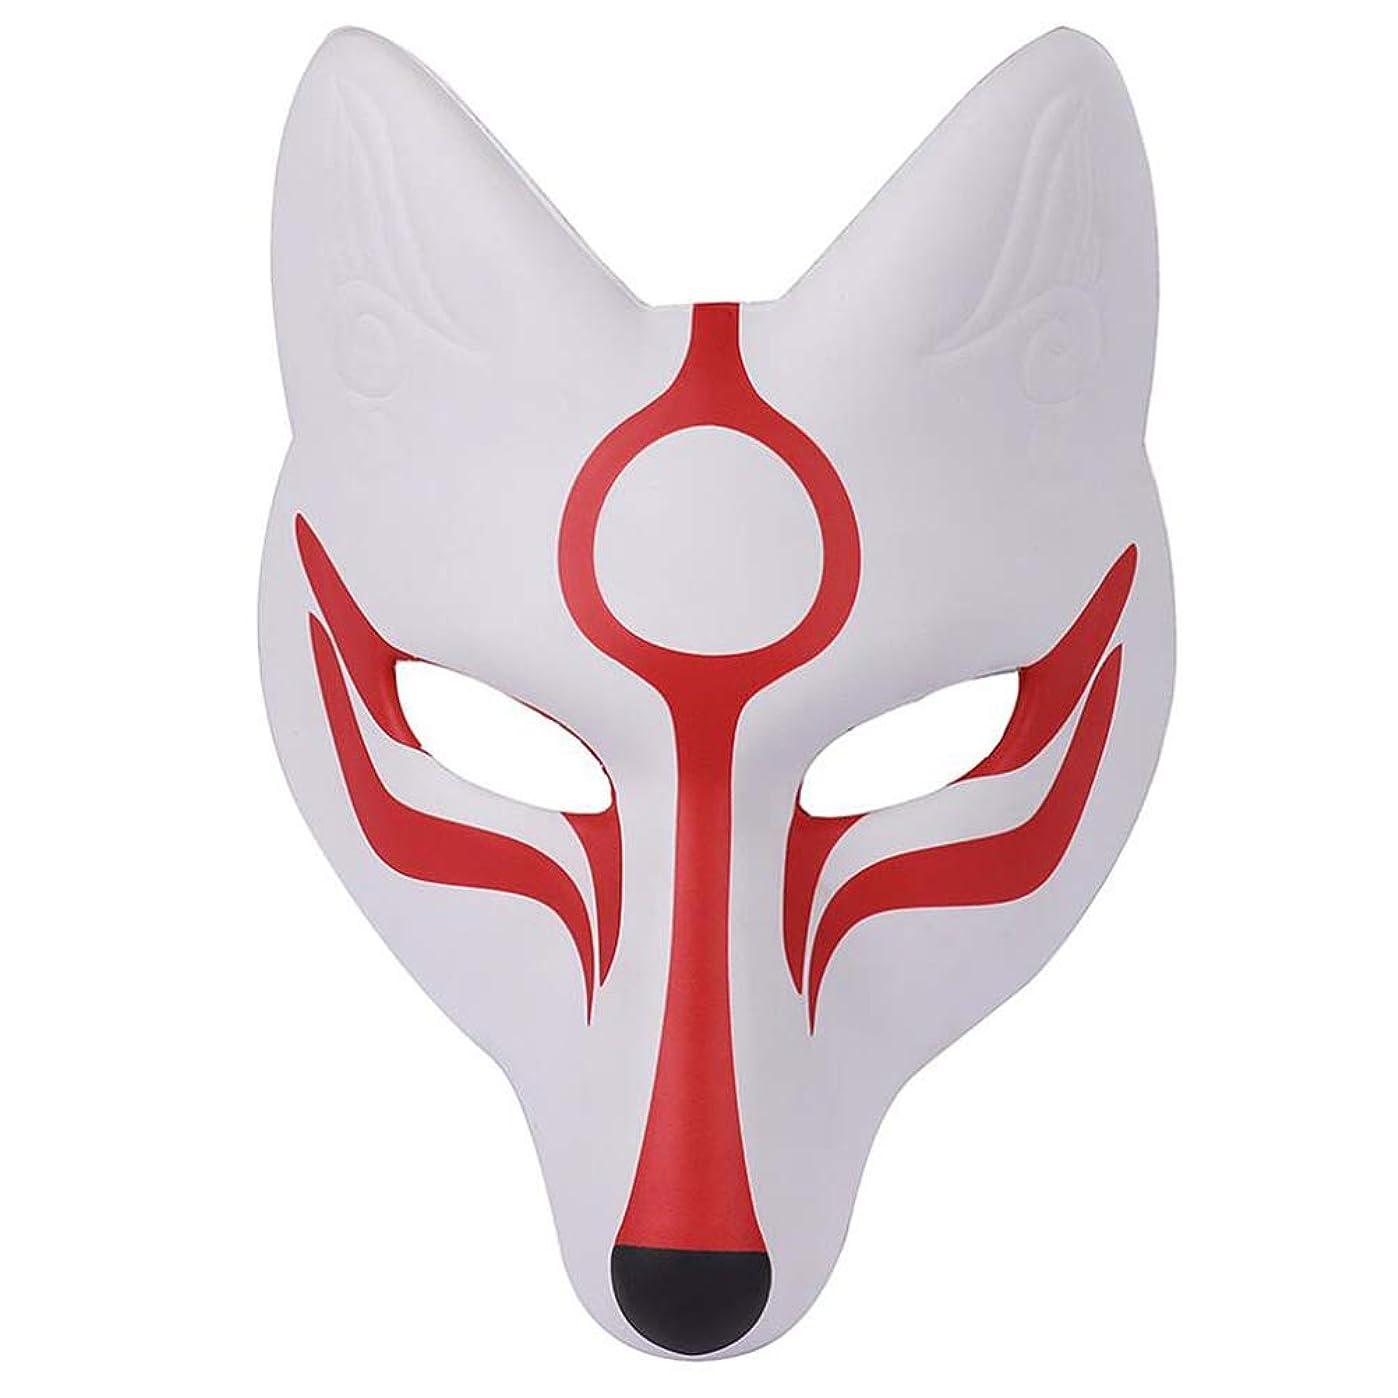 シニス不幸倒産AMOSFUN フォックスマスク日本歌舞伎きつねマスク用男性女性子供ハロウィーン仮装衣装プロップ